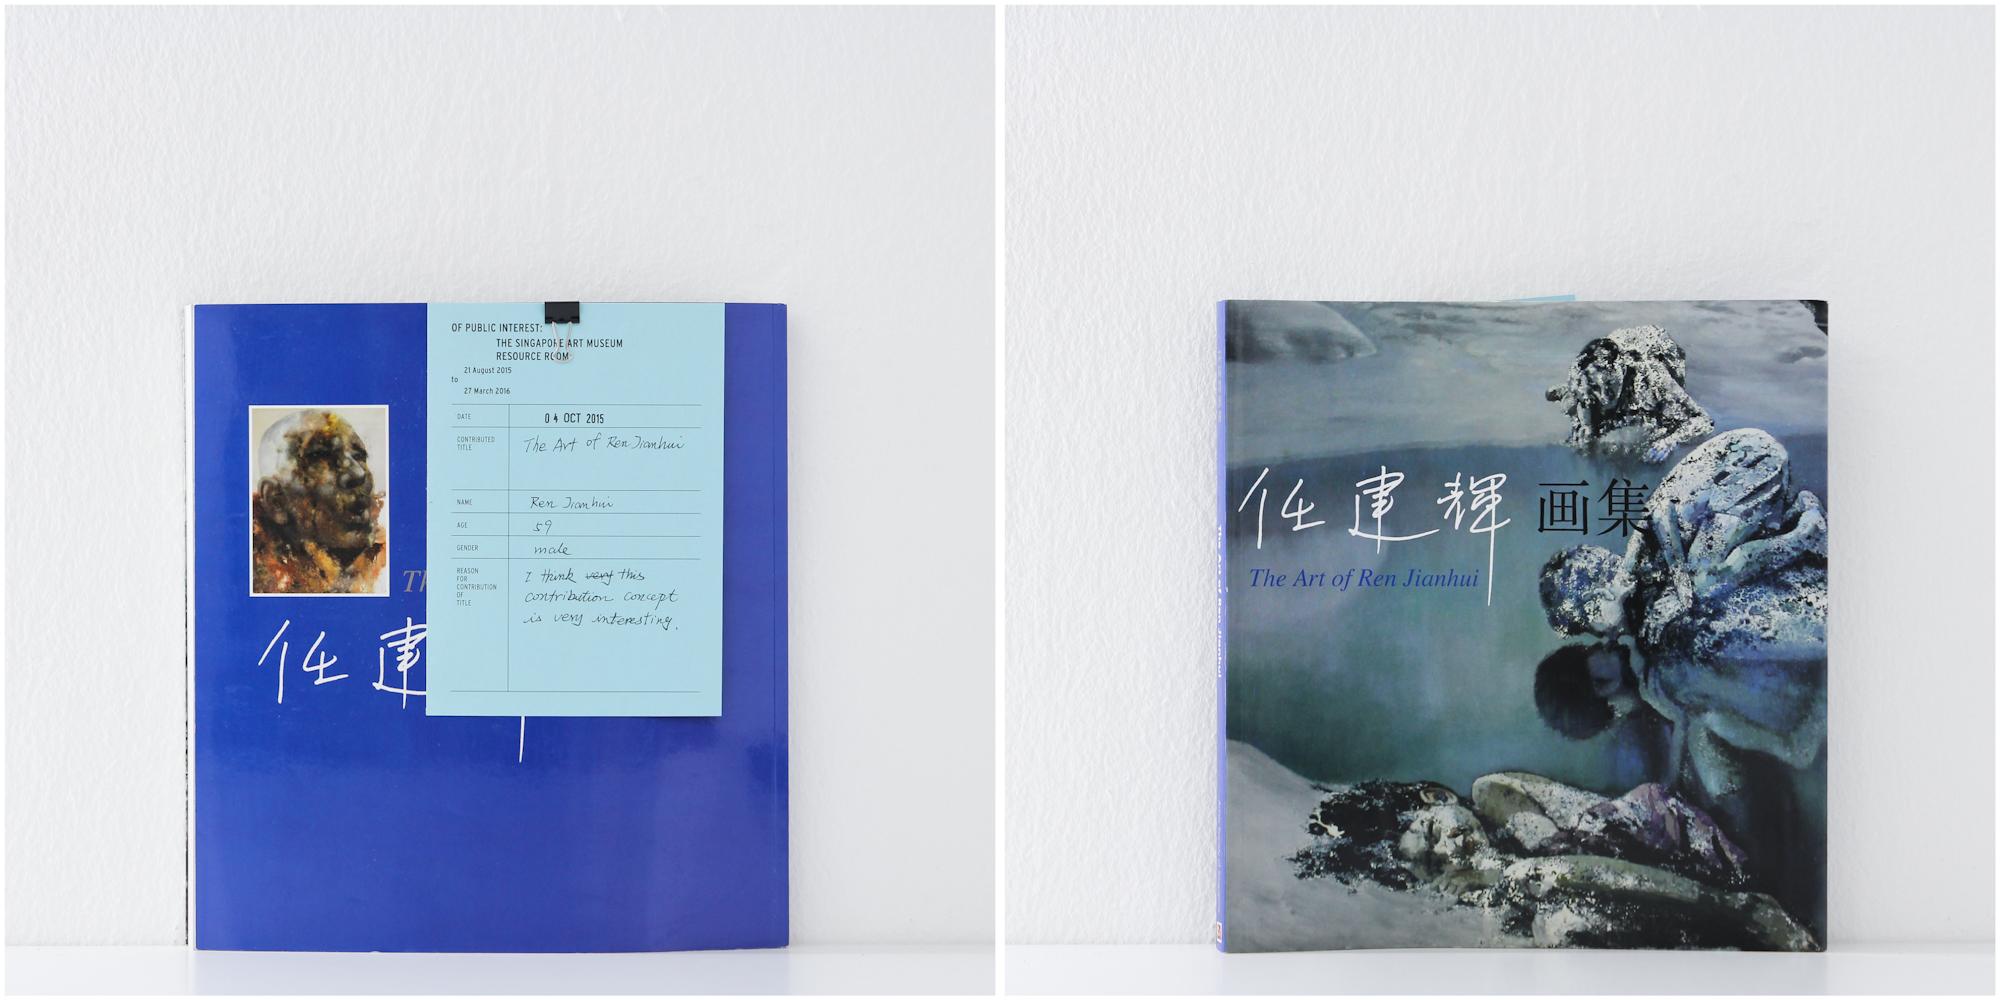 'The Art of Ren Jianhui', 4/10/15, Ren Jianhui, 59, Male